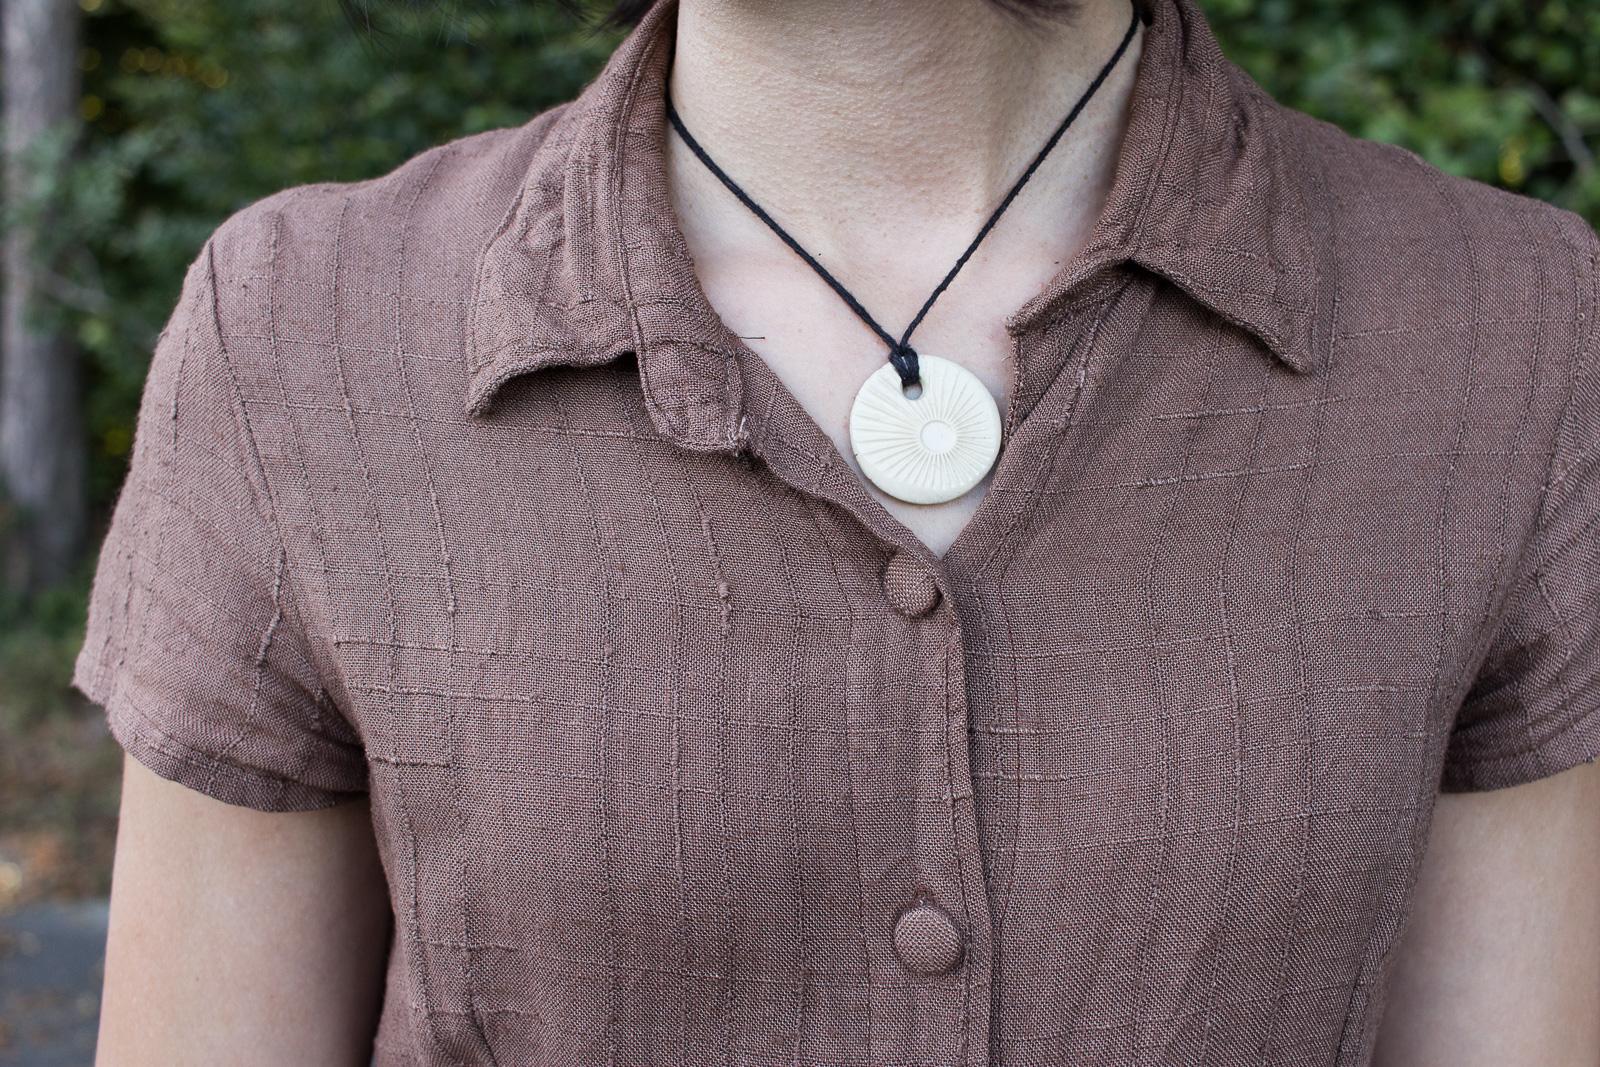 DIY Hemdblusenkleid Dolores von Milchmonster - Leinenkleid selber nähen - Details Kragen